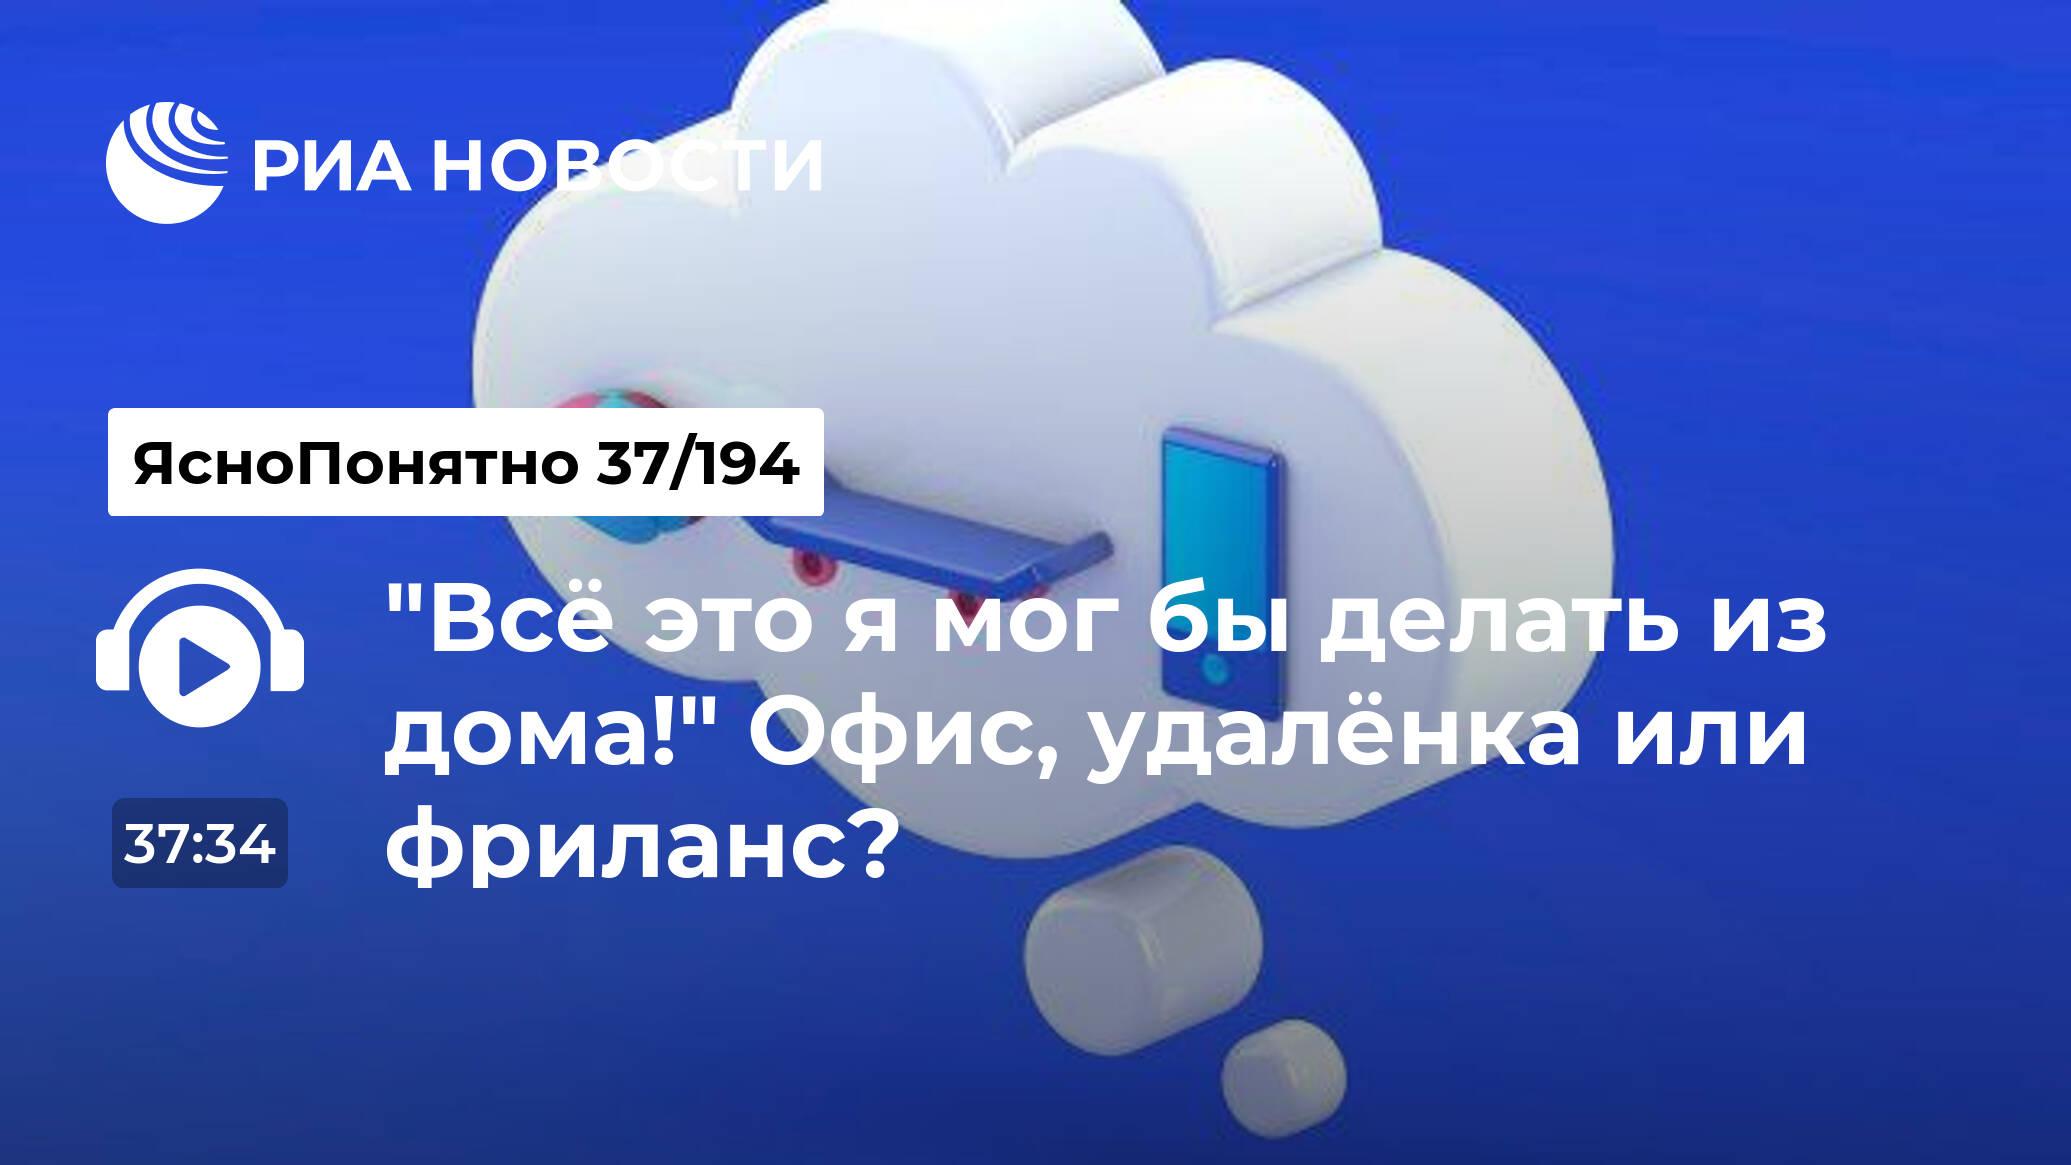 https://ria.ru/20190718/1556640428.html